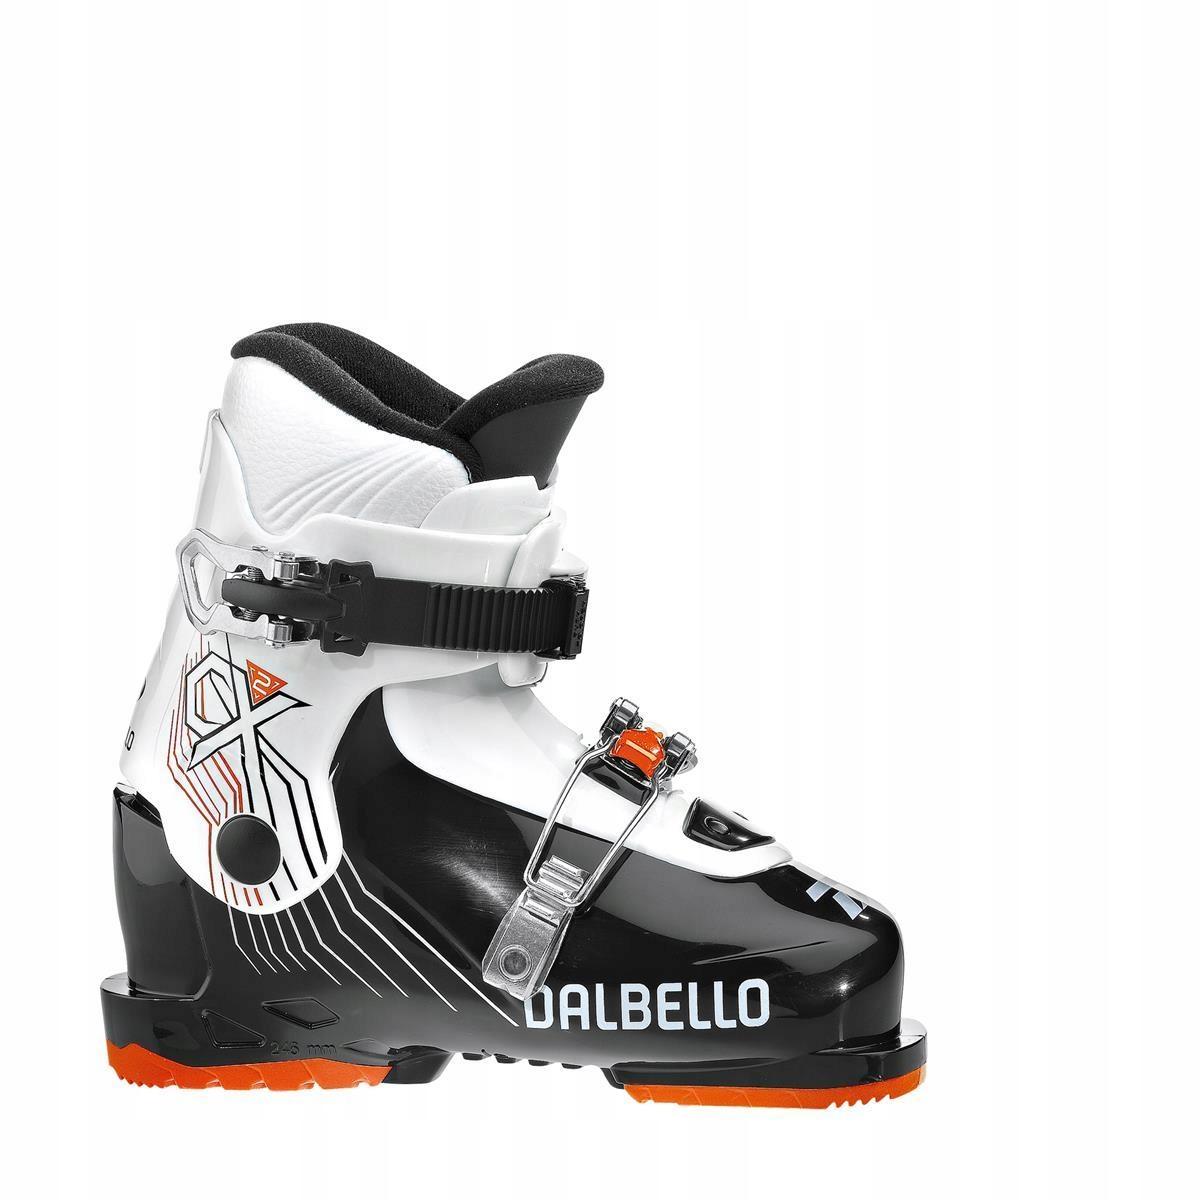 Купить Лыжные ботинки DALBELLO CX20 Р 31 40% Вроцлав на Eurozakup - цены и фото - доставка из Польши и стран Европы в Украину.